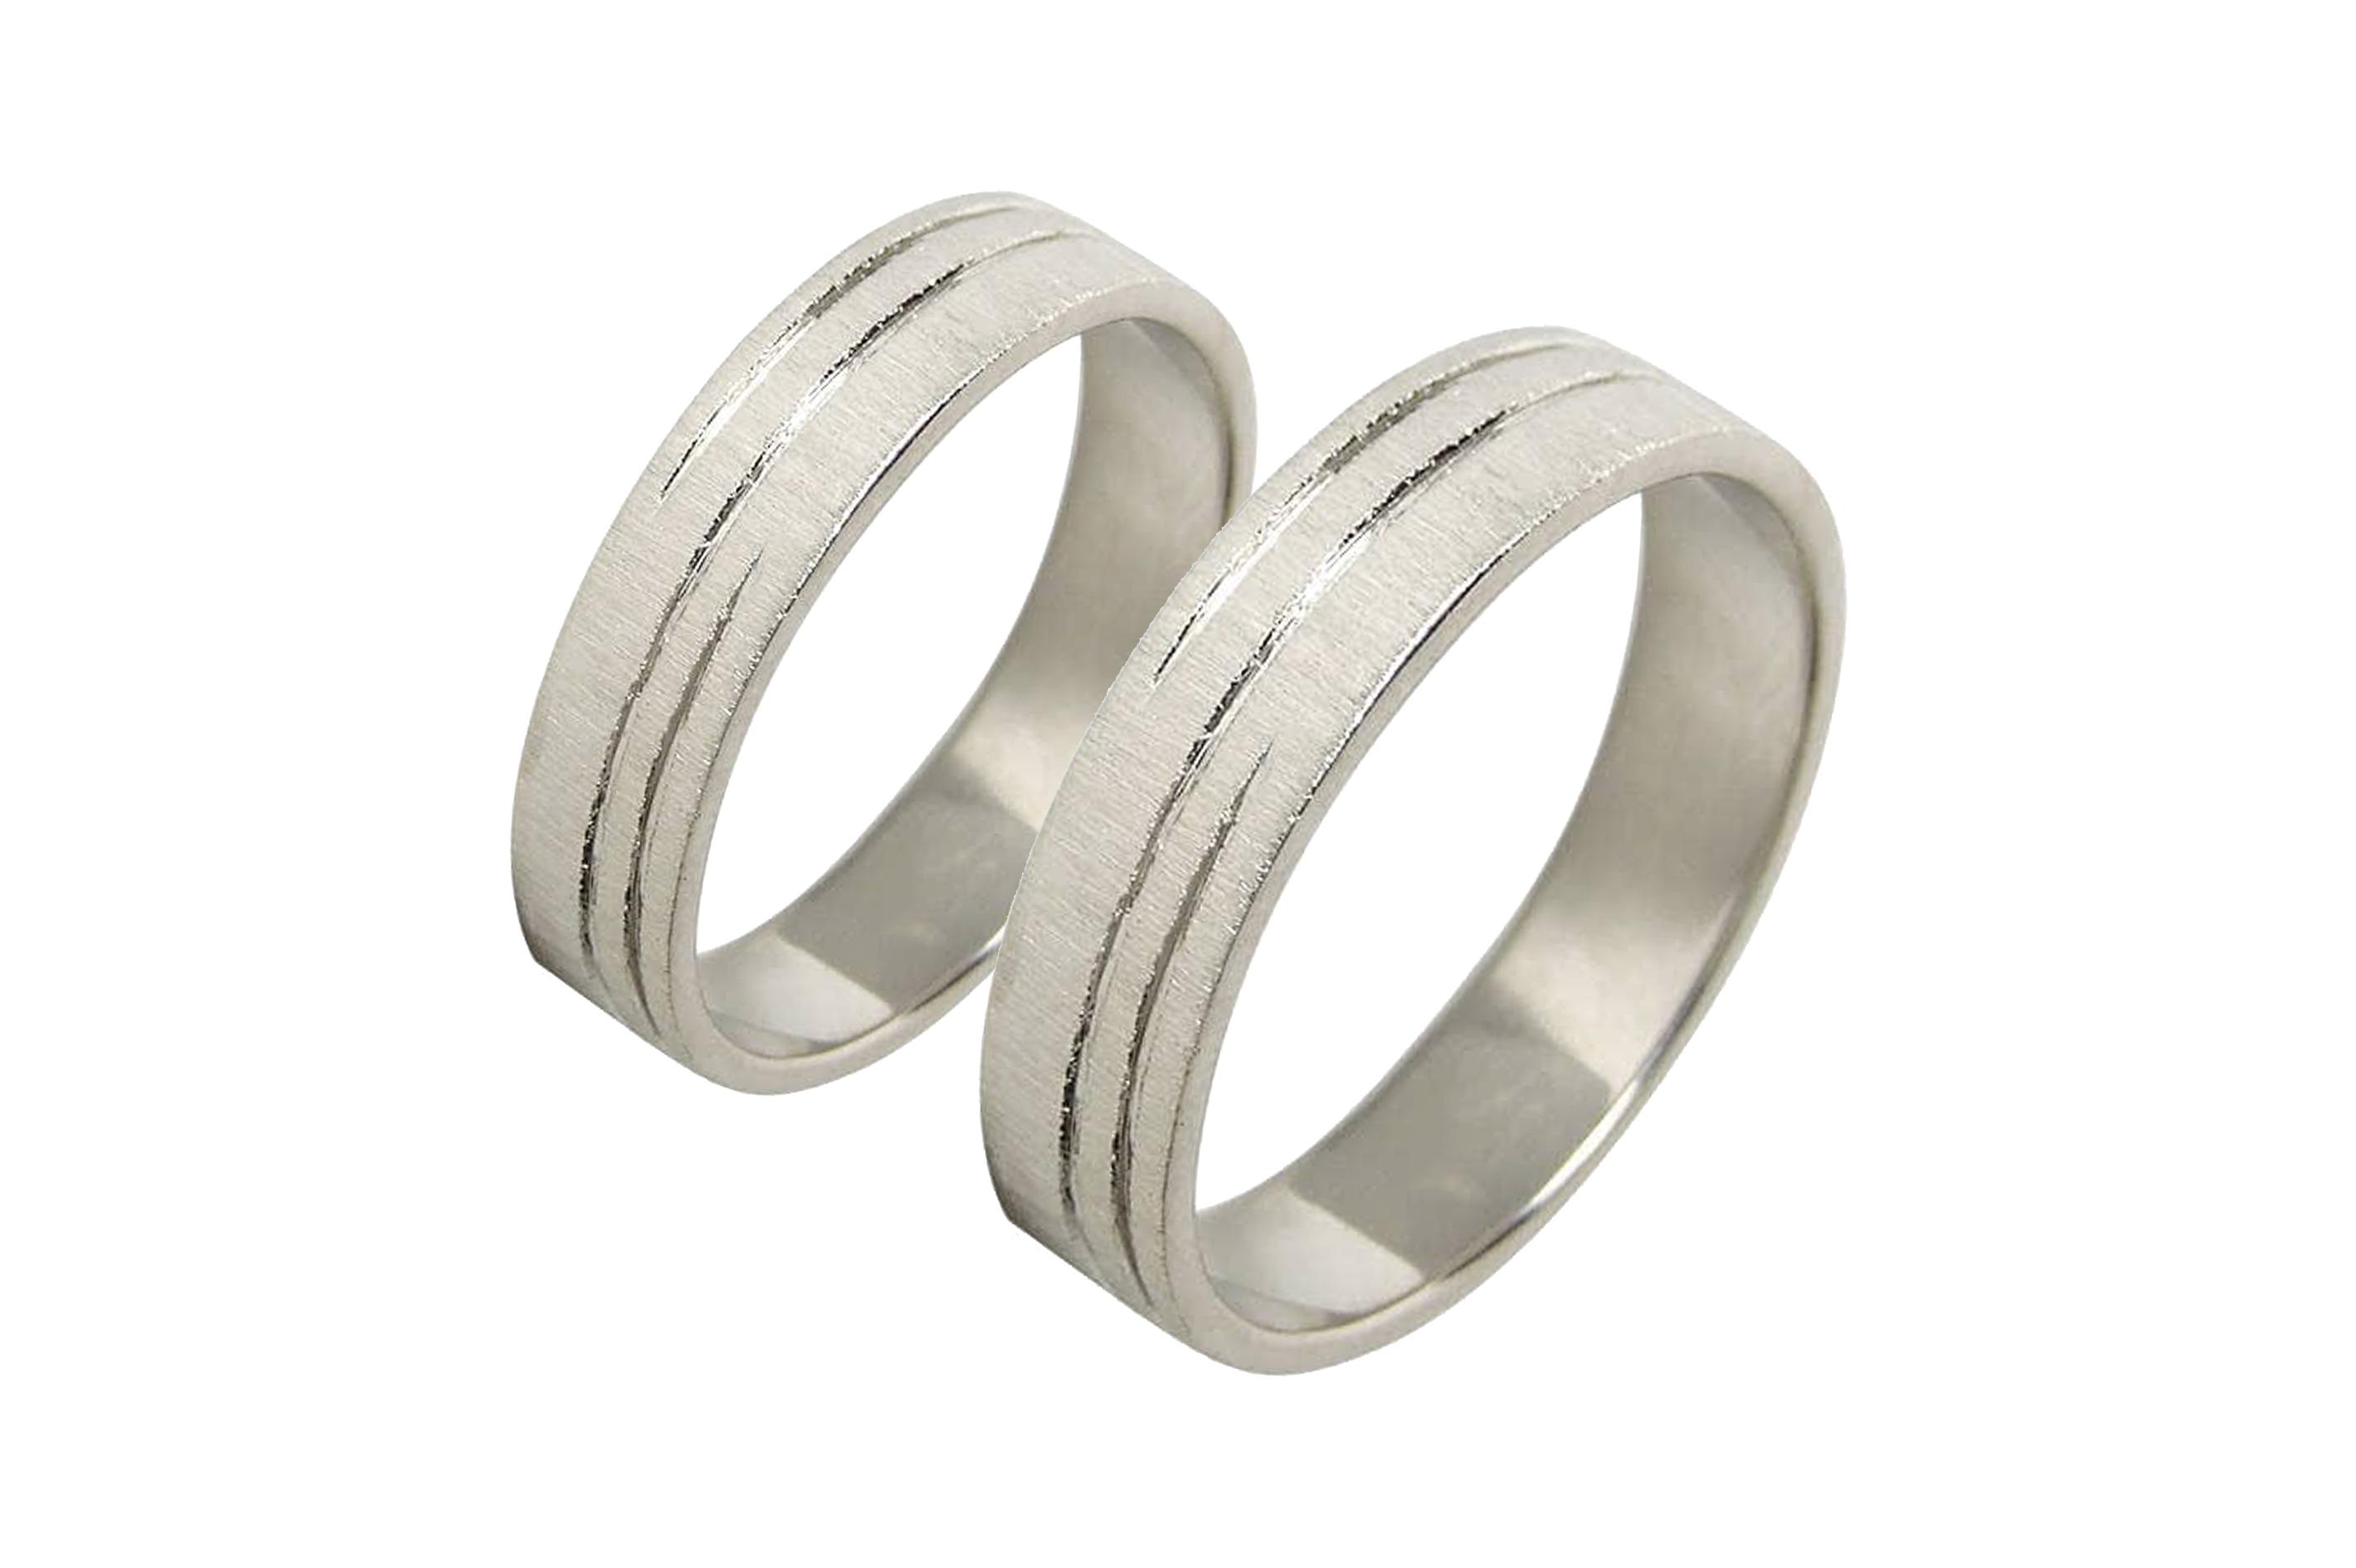 donde comprar alianzas bodas originales y sencillas en alicante - joyeria marga mira - wedding jewelry alicante